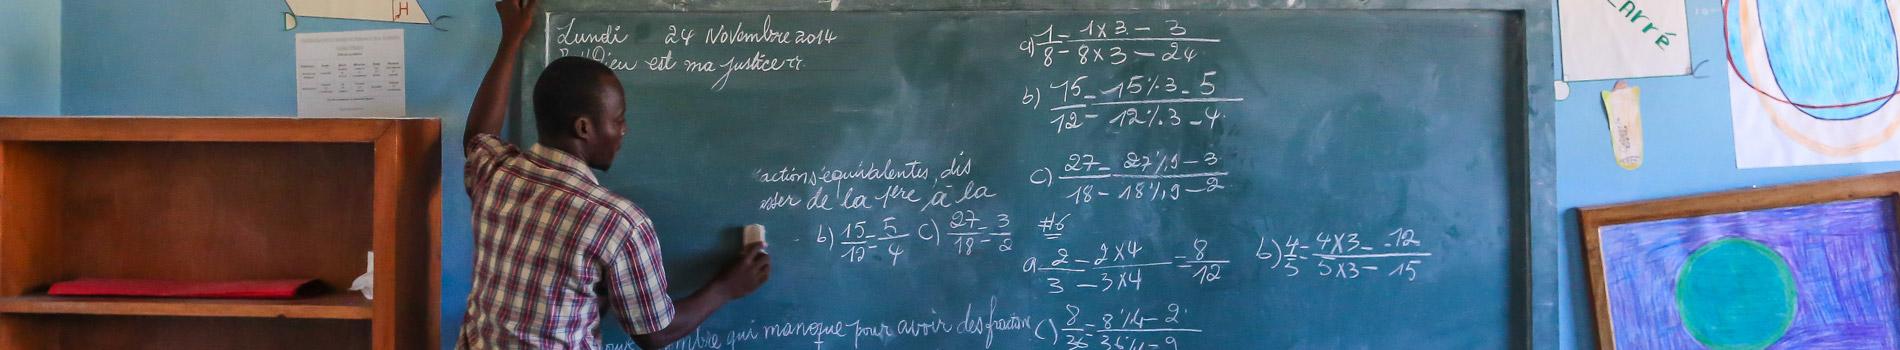 ss_teacher_1900x350